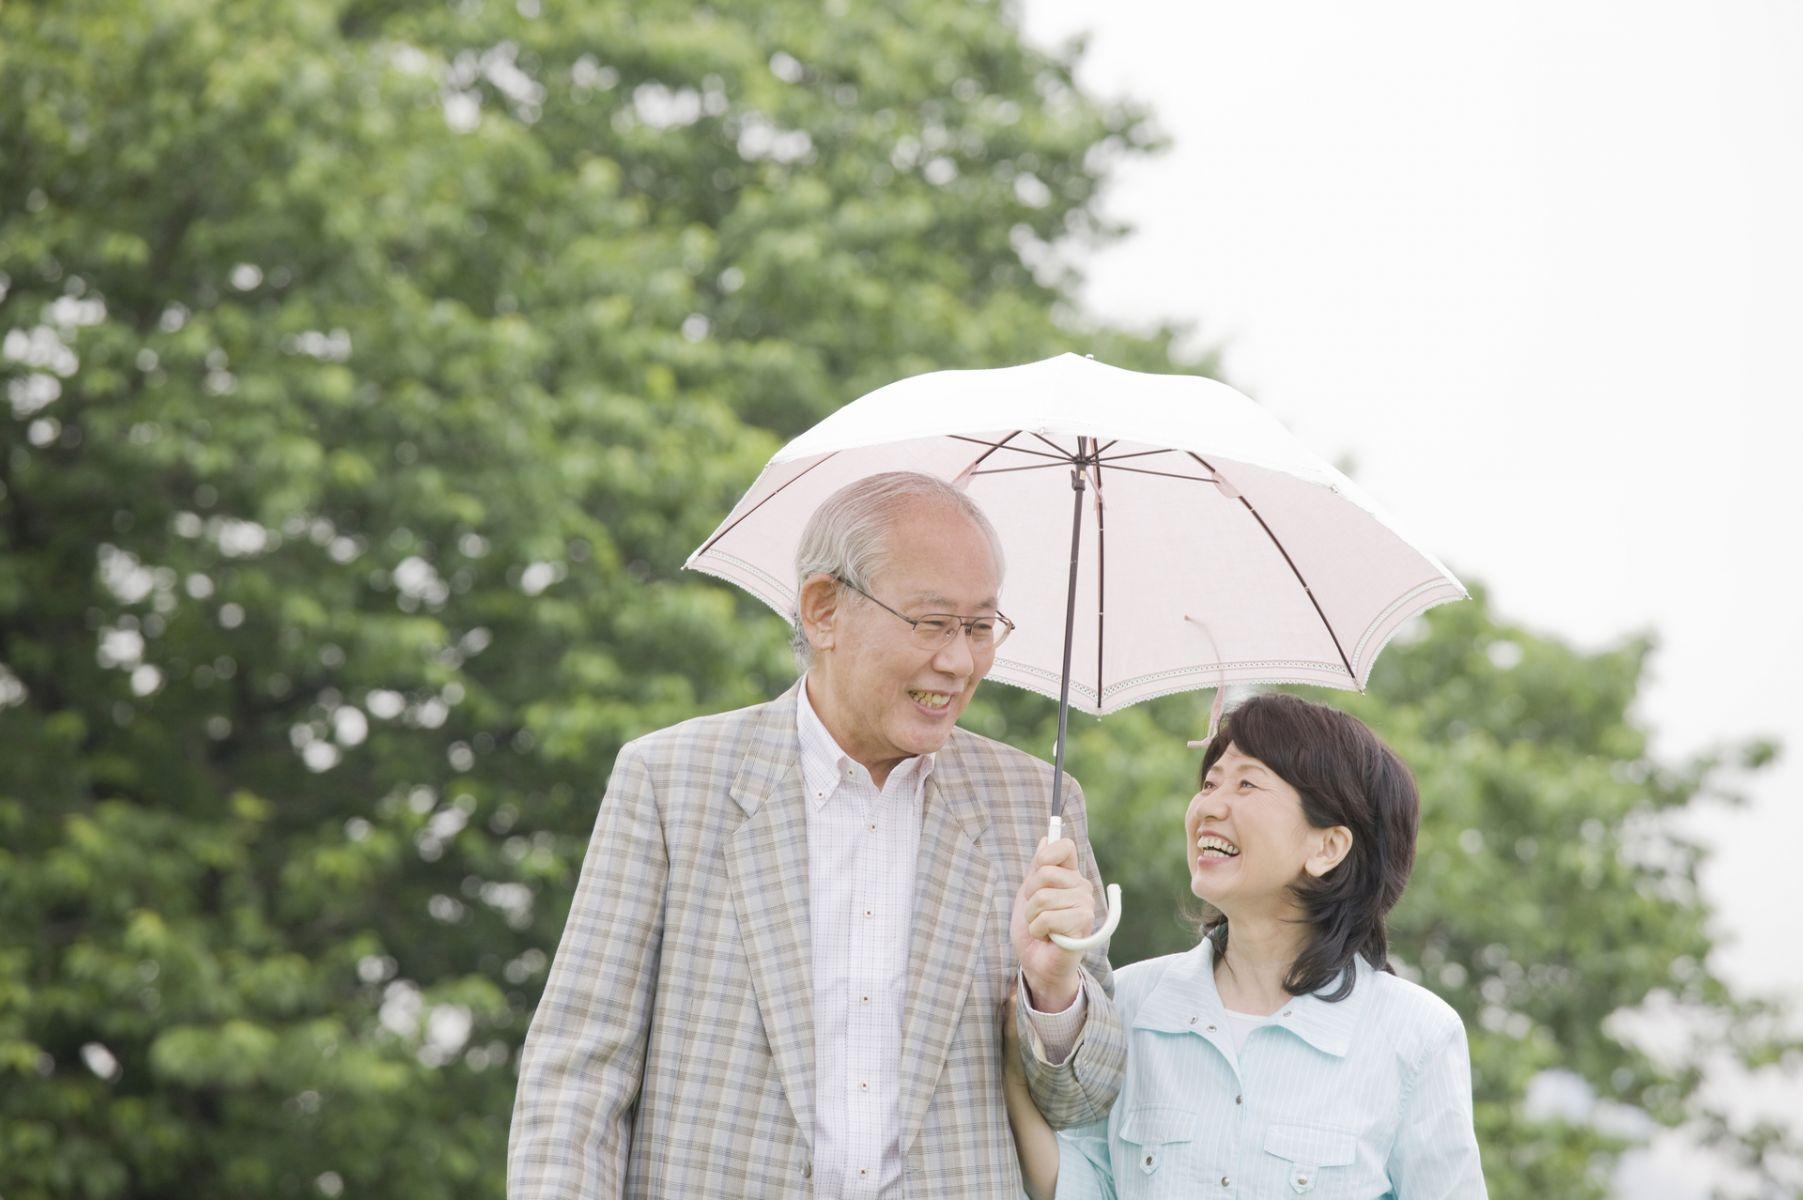 人生越老越美麗!凡事「親力親為」 掌握退休生活的美好